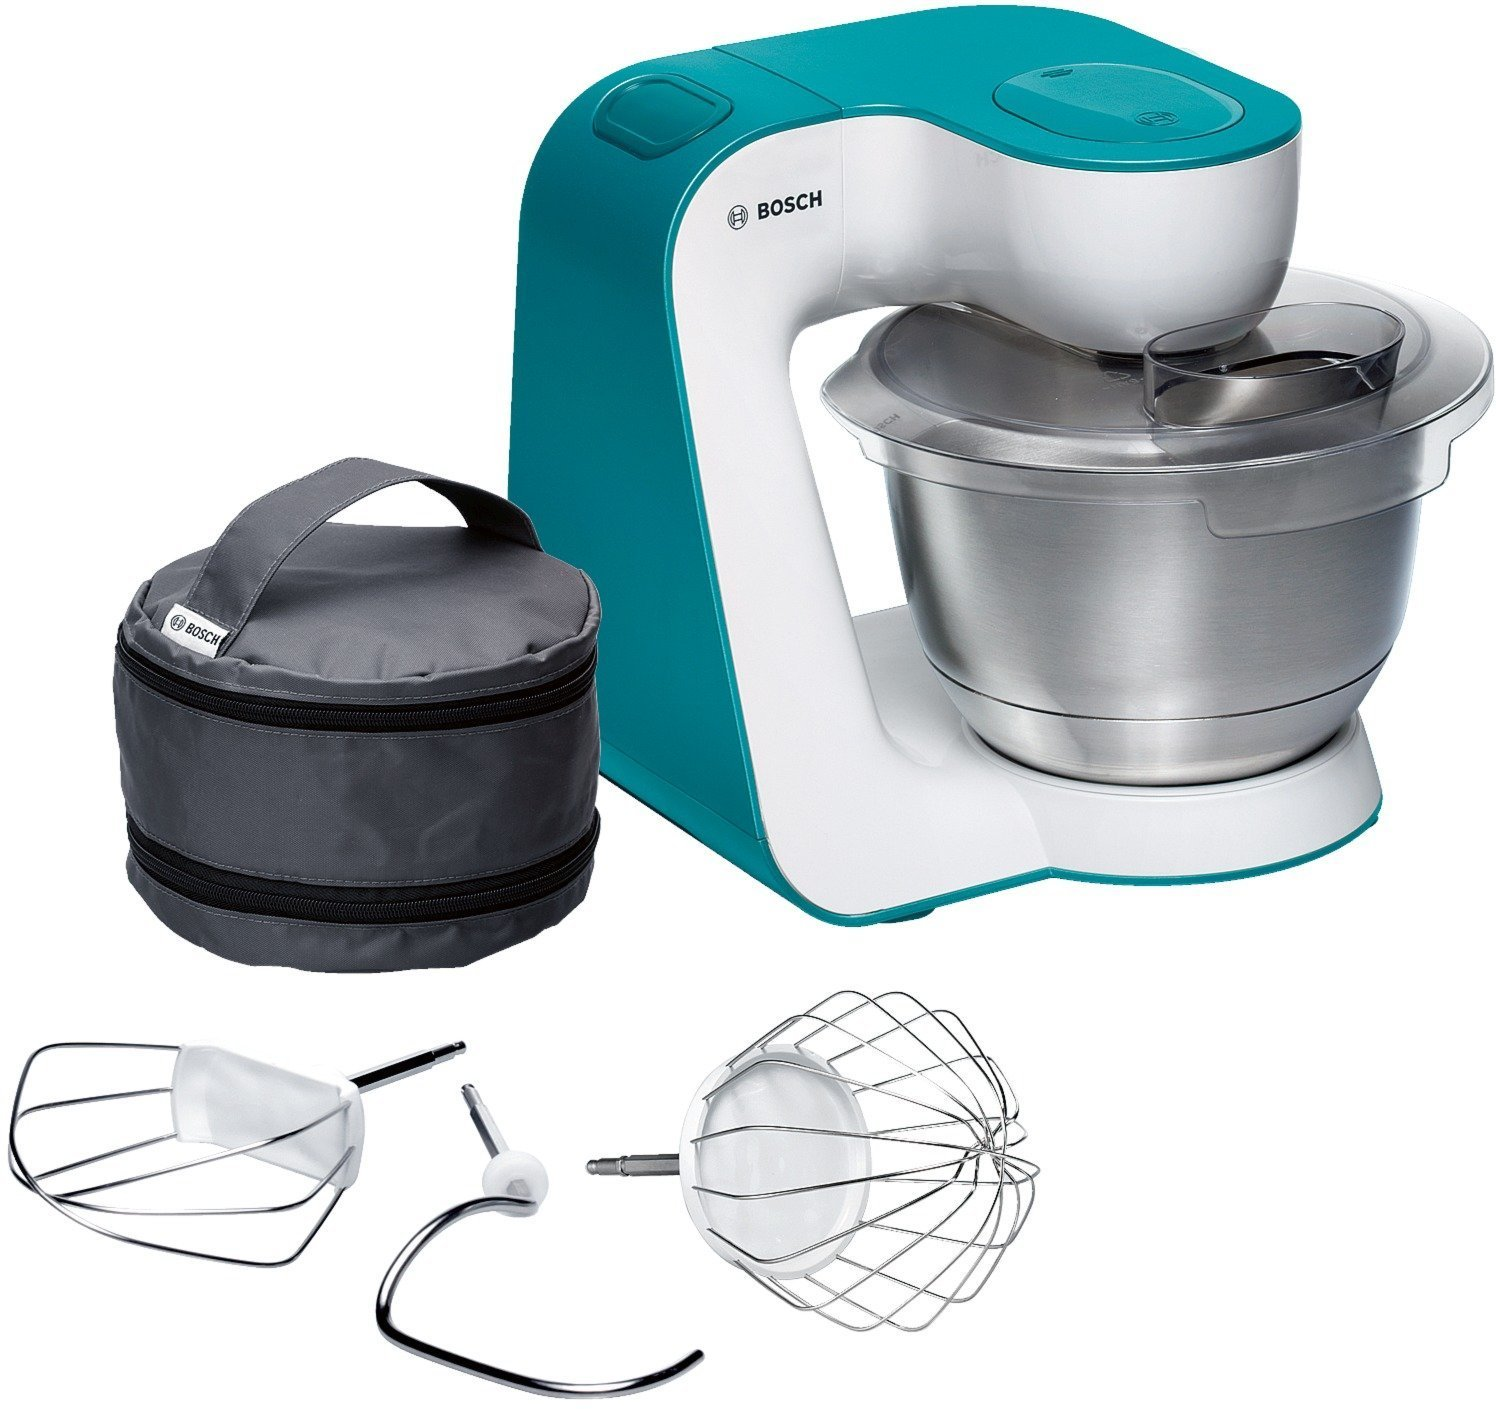 Küchenmaschine MUM54A00 Express Programm [Energy Class A] Bosch